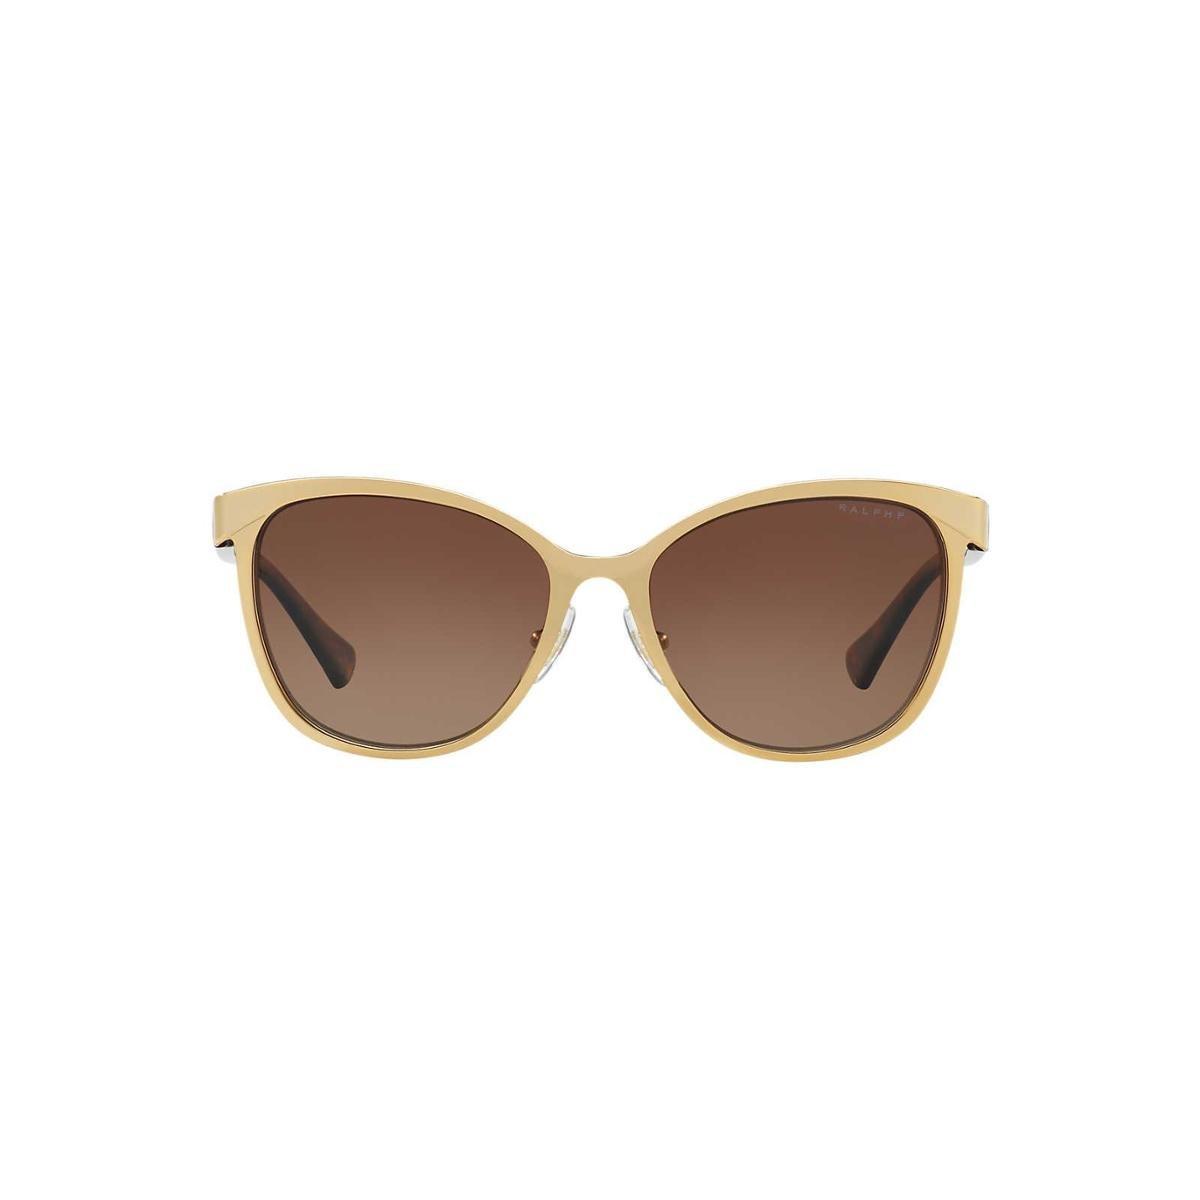 Óculos de Sol Ralph Gatinho RA4118 Feminino - Compre Agora   Zattini 79fbb261ae